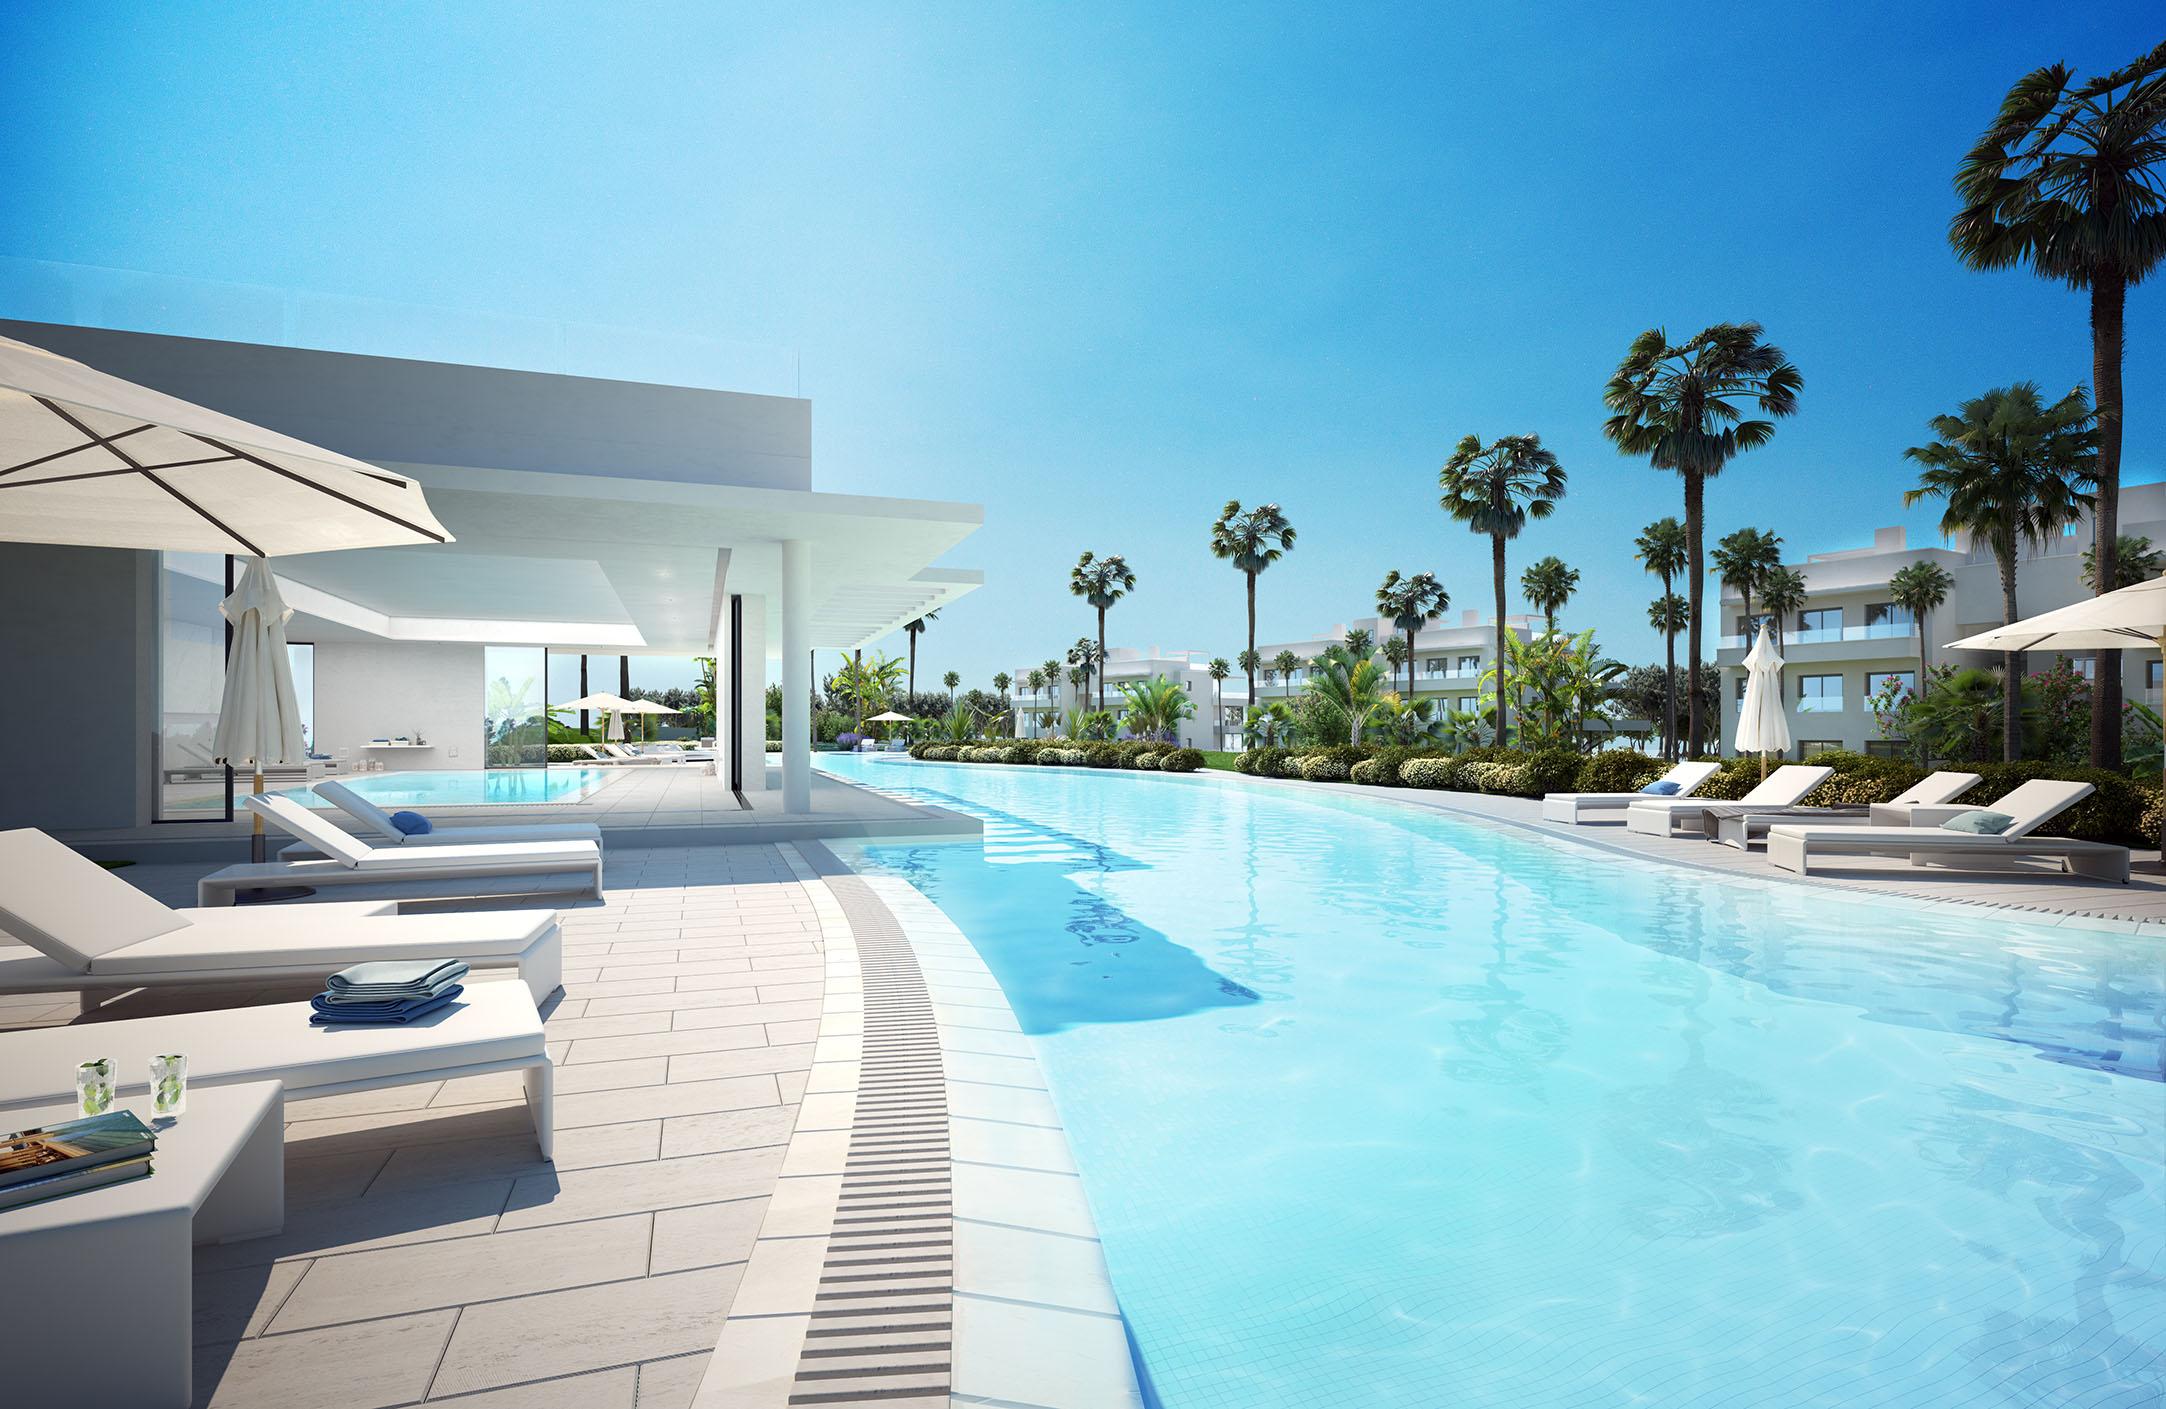 Inmobiliaria en m laga y la costa del sol inmogestate - Inmobiliaria la paz malaga ...